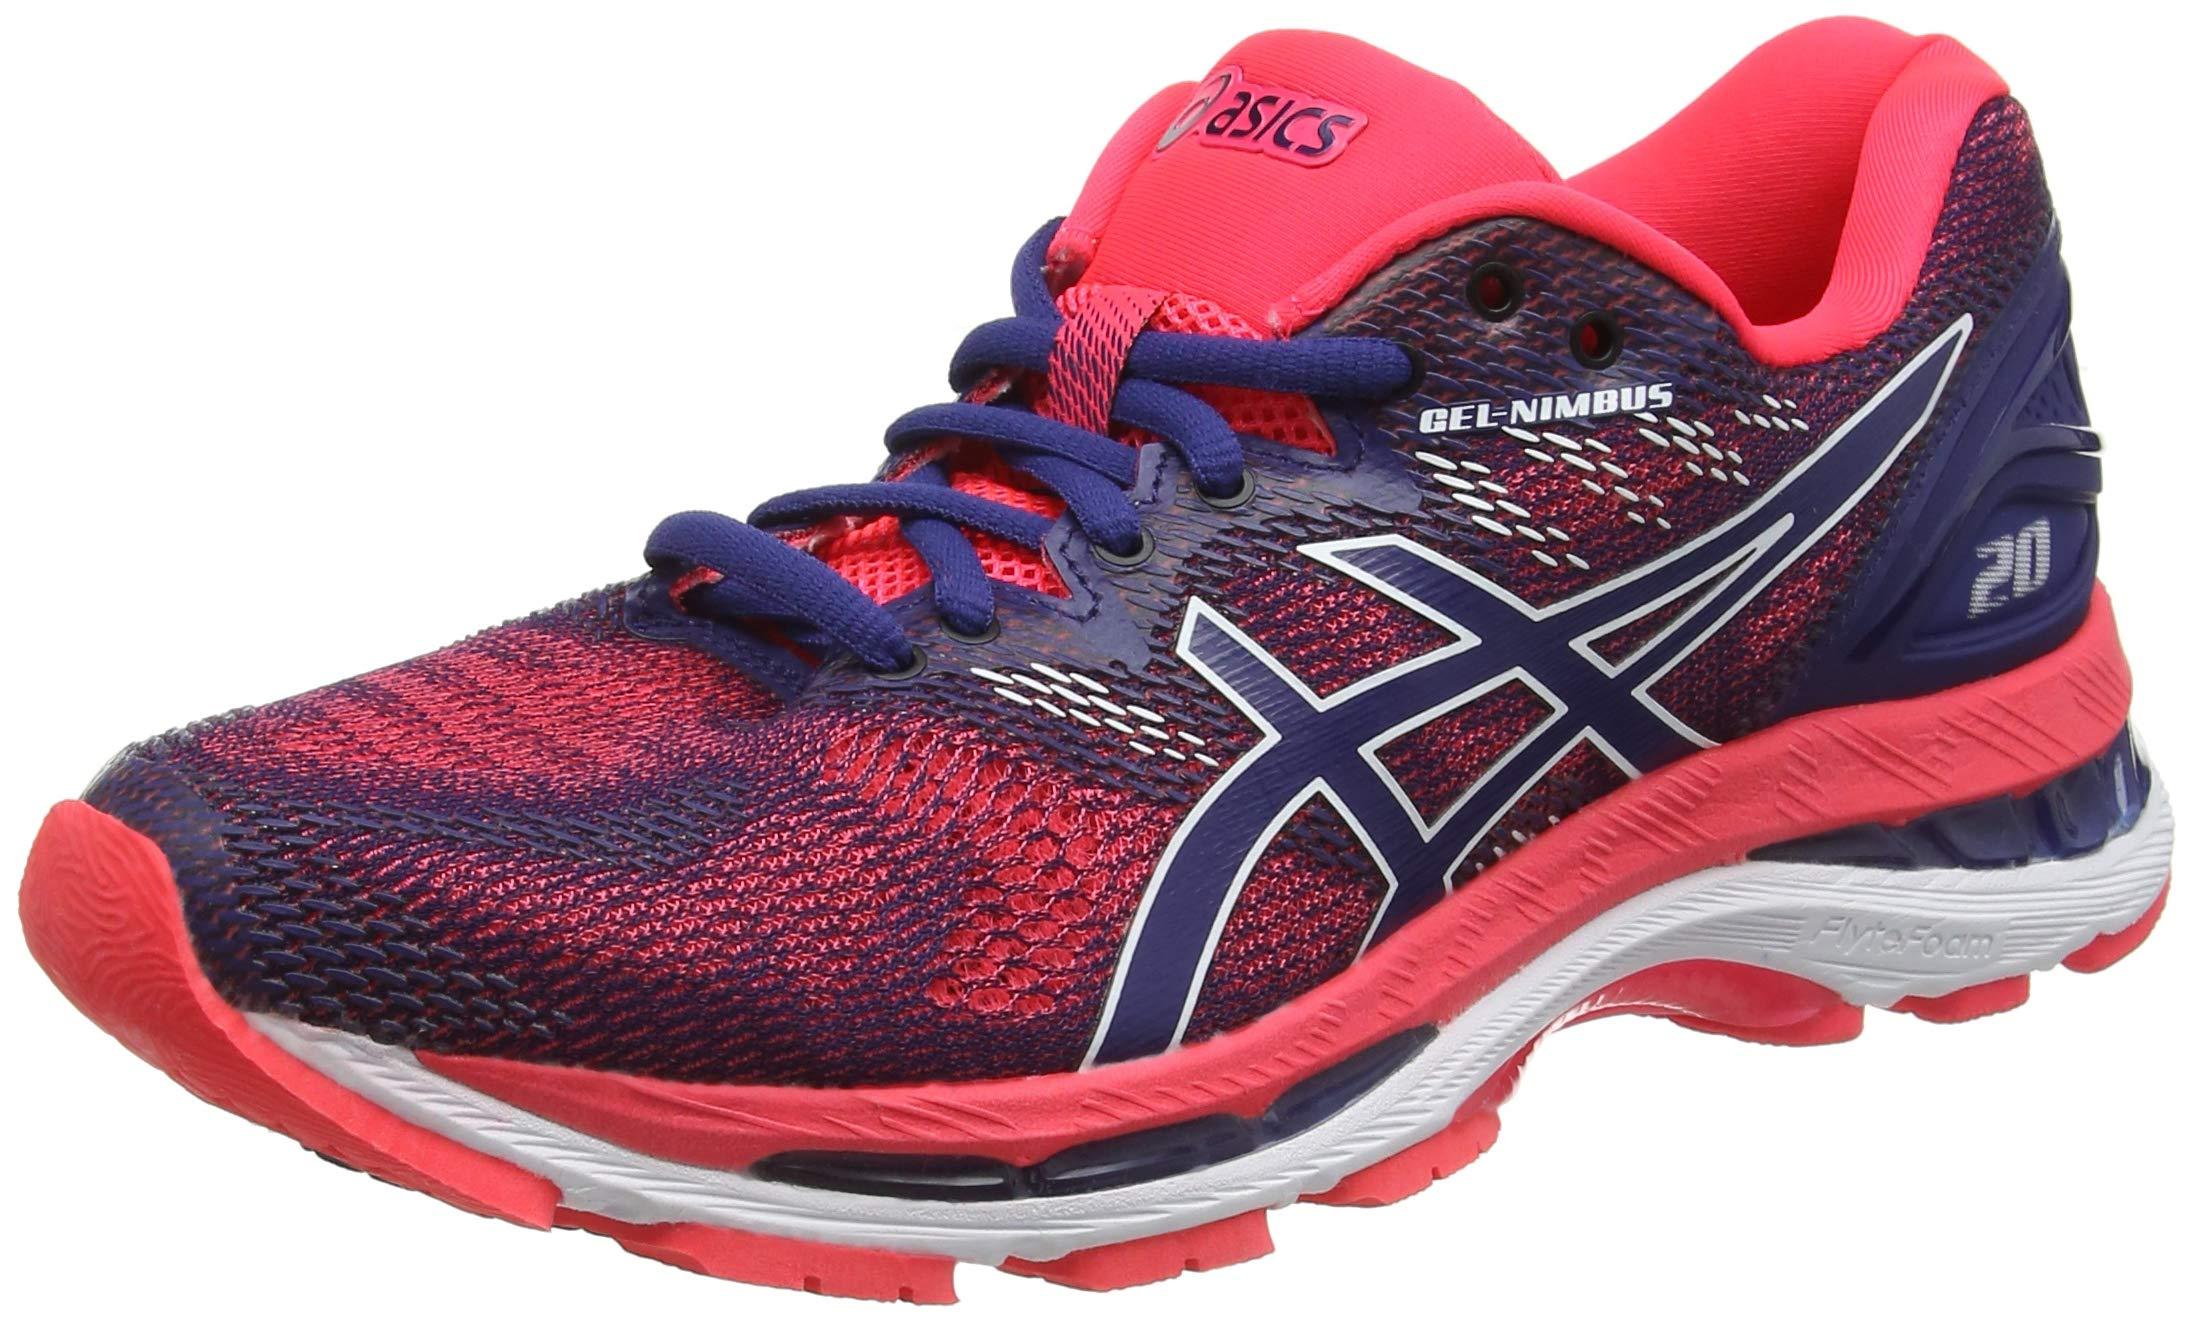 b658dacd483 Top Chaussures de running femme selon les notes Amazon.fr